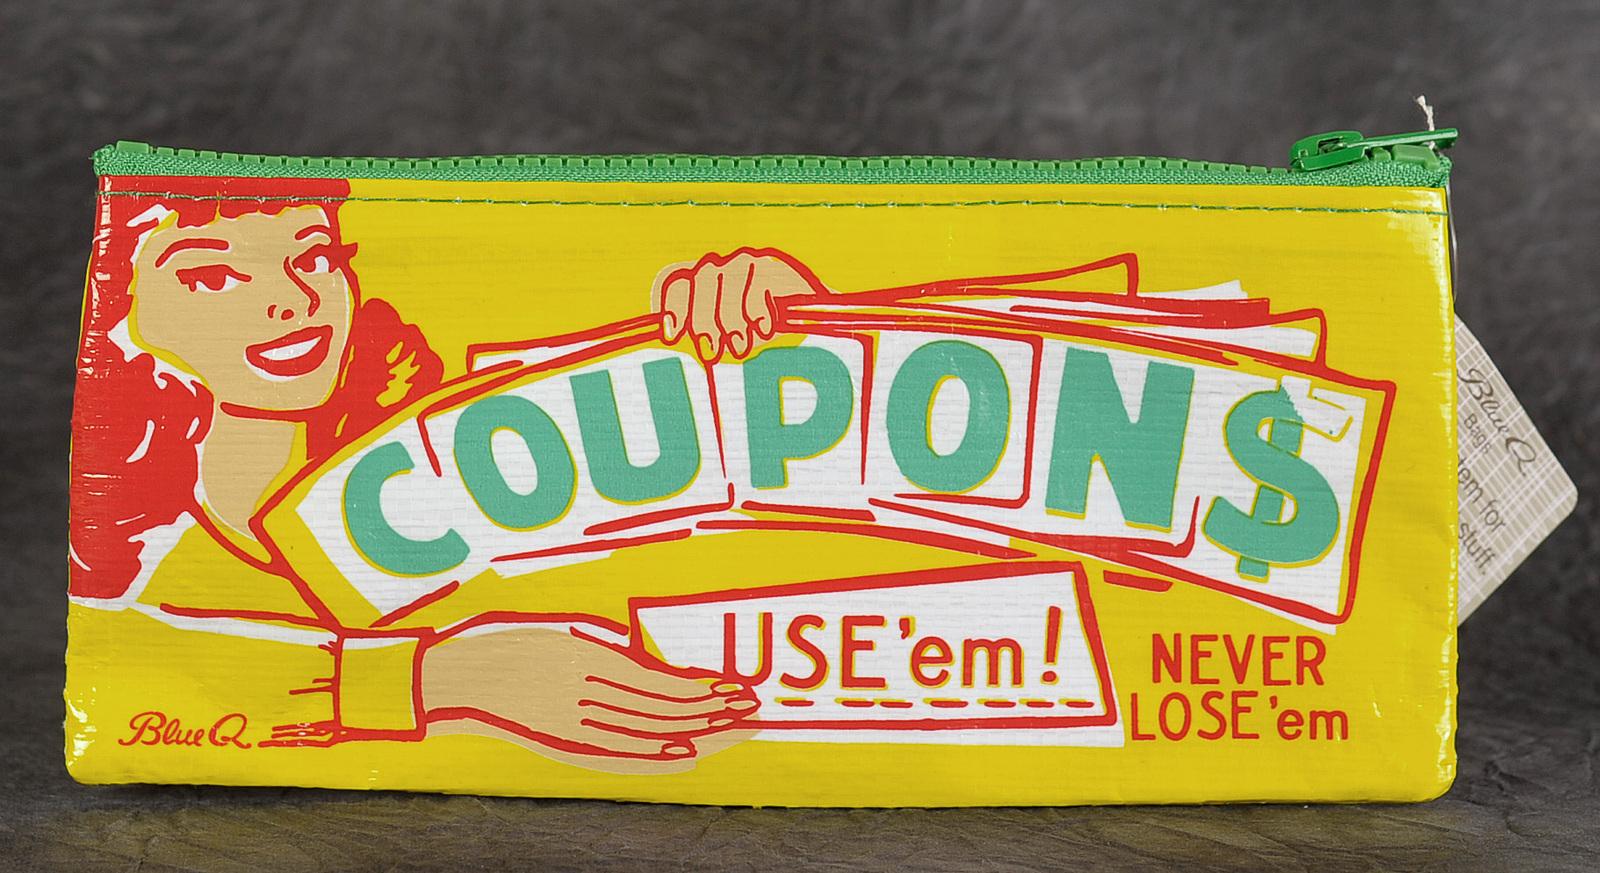 Em coupon code